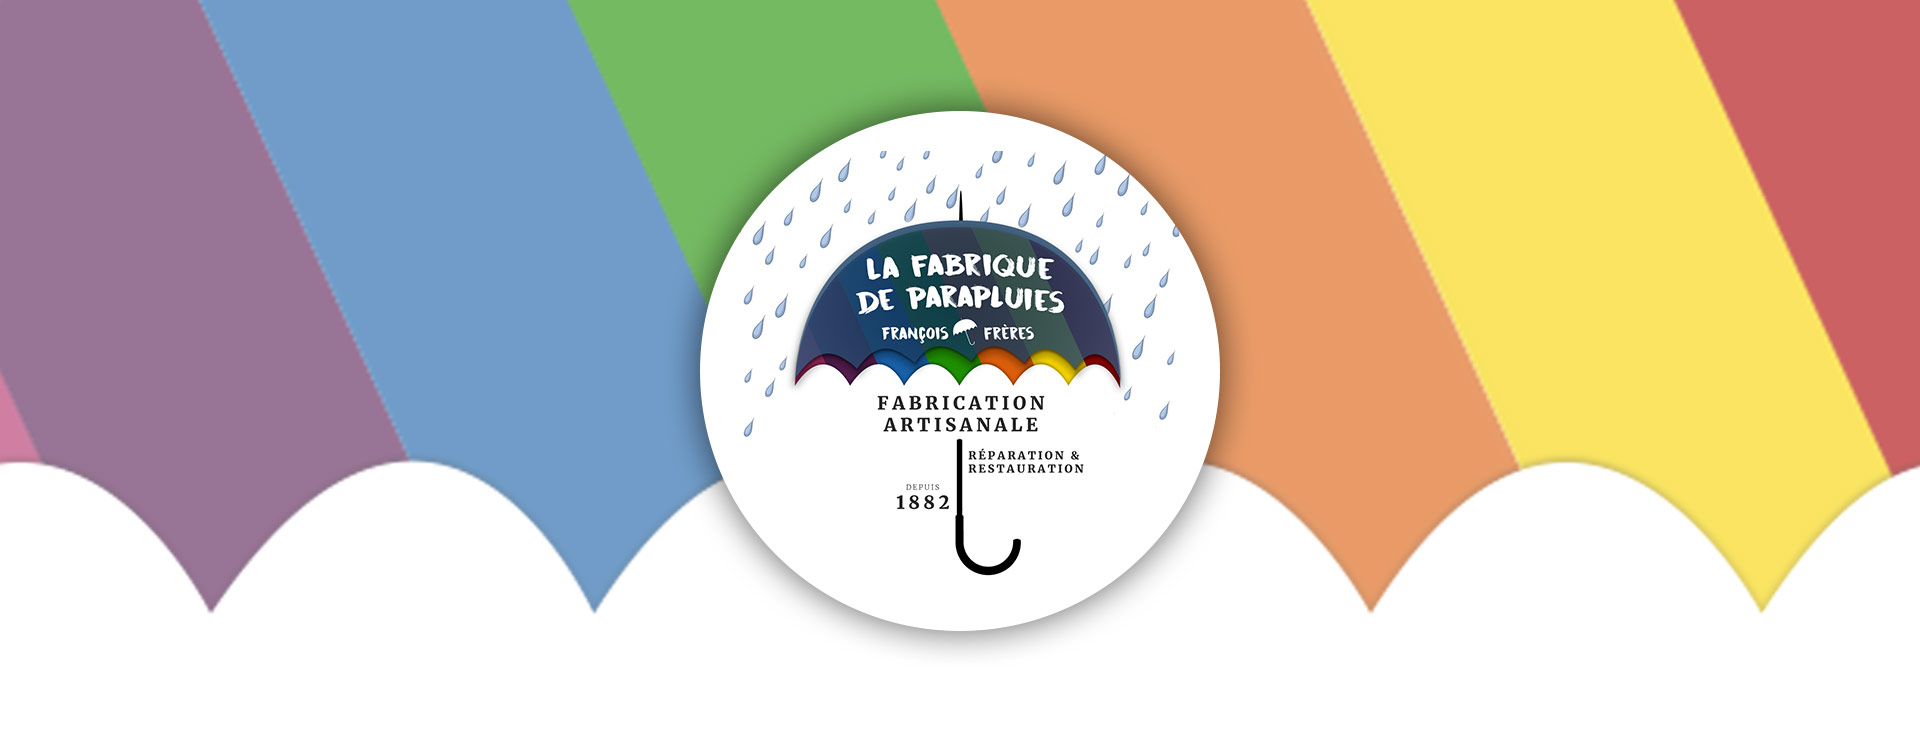 La Fabrique de parapluies à Poitiers